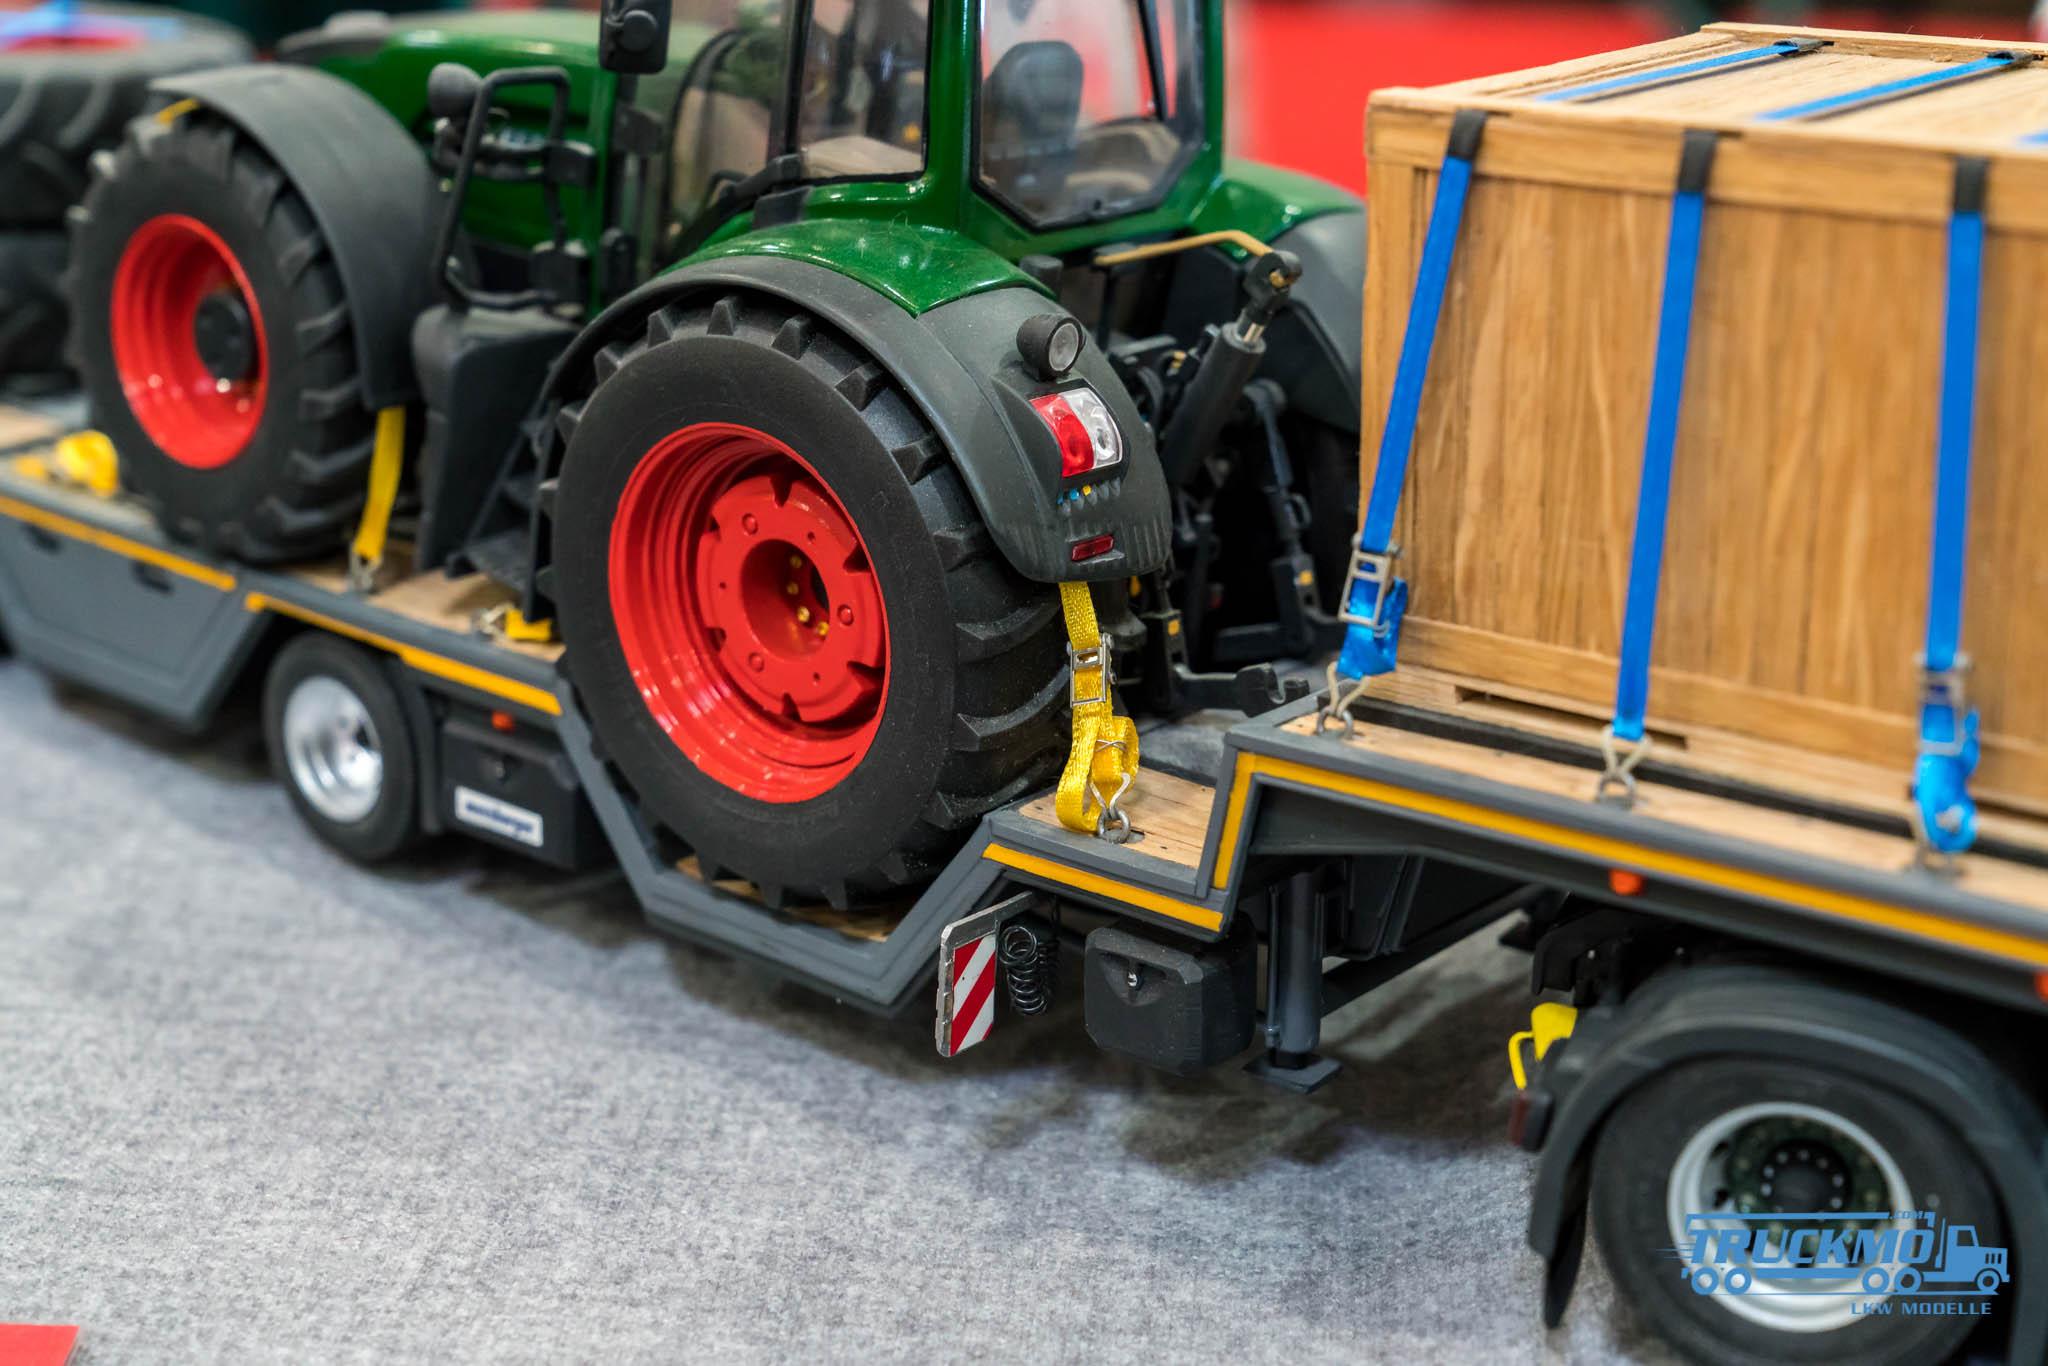 Truckmo_Modellbau_Ried_2017_Herpa_Messe_Modellbauausstellung (407 von 1177)